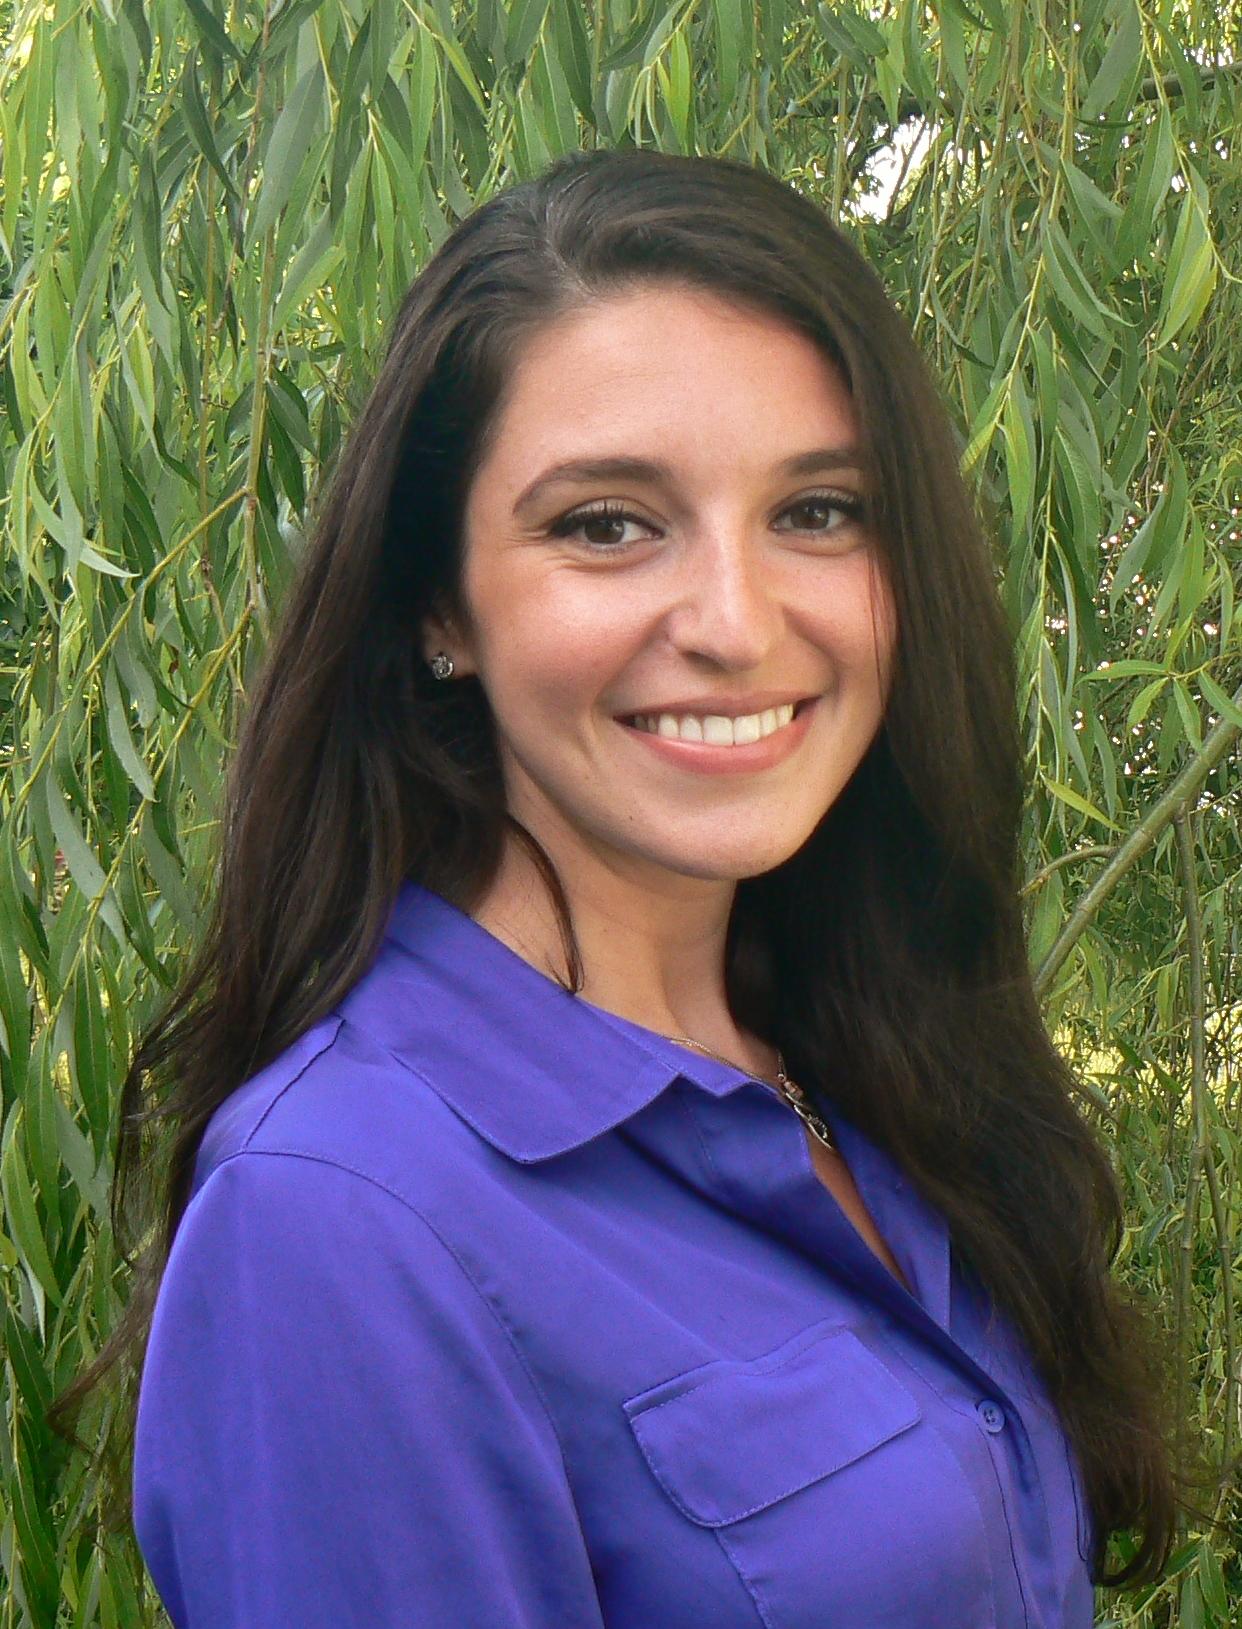 Julia Sahin